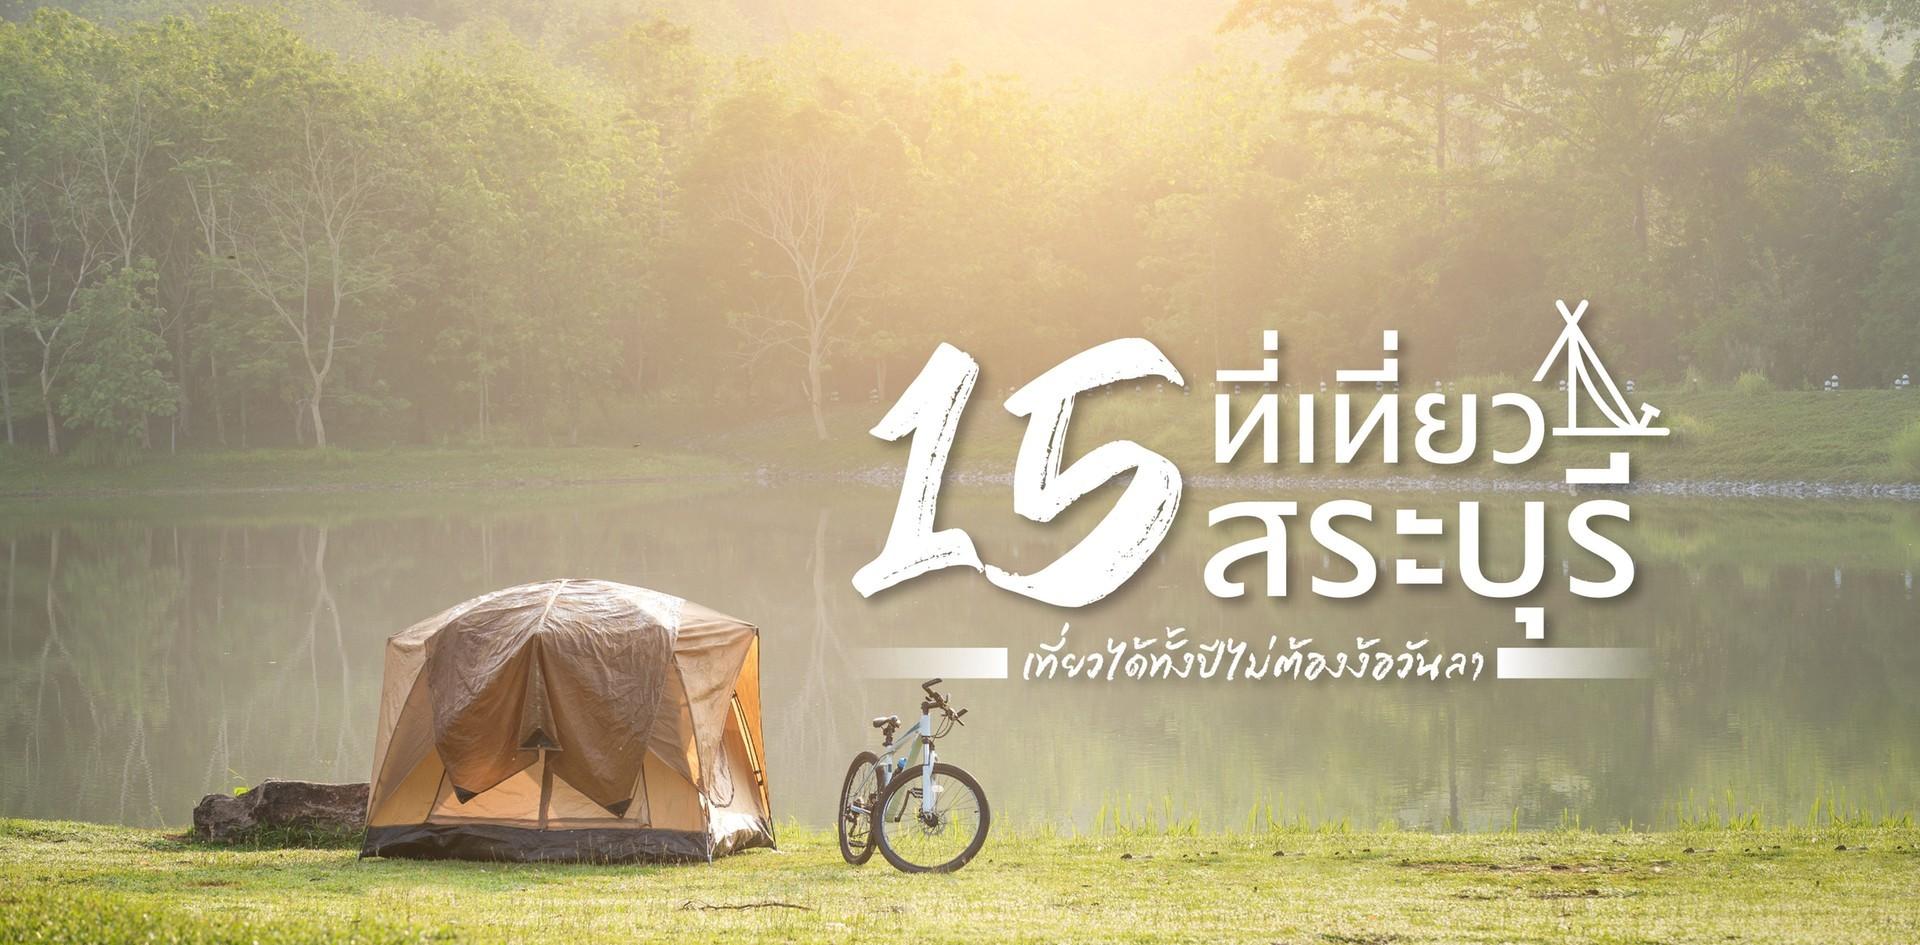 15 ที่เที่ยวสระบุรี เที่ยวได้ทั้งปีไม่ต้องง้อวันลา